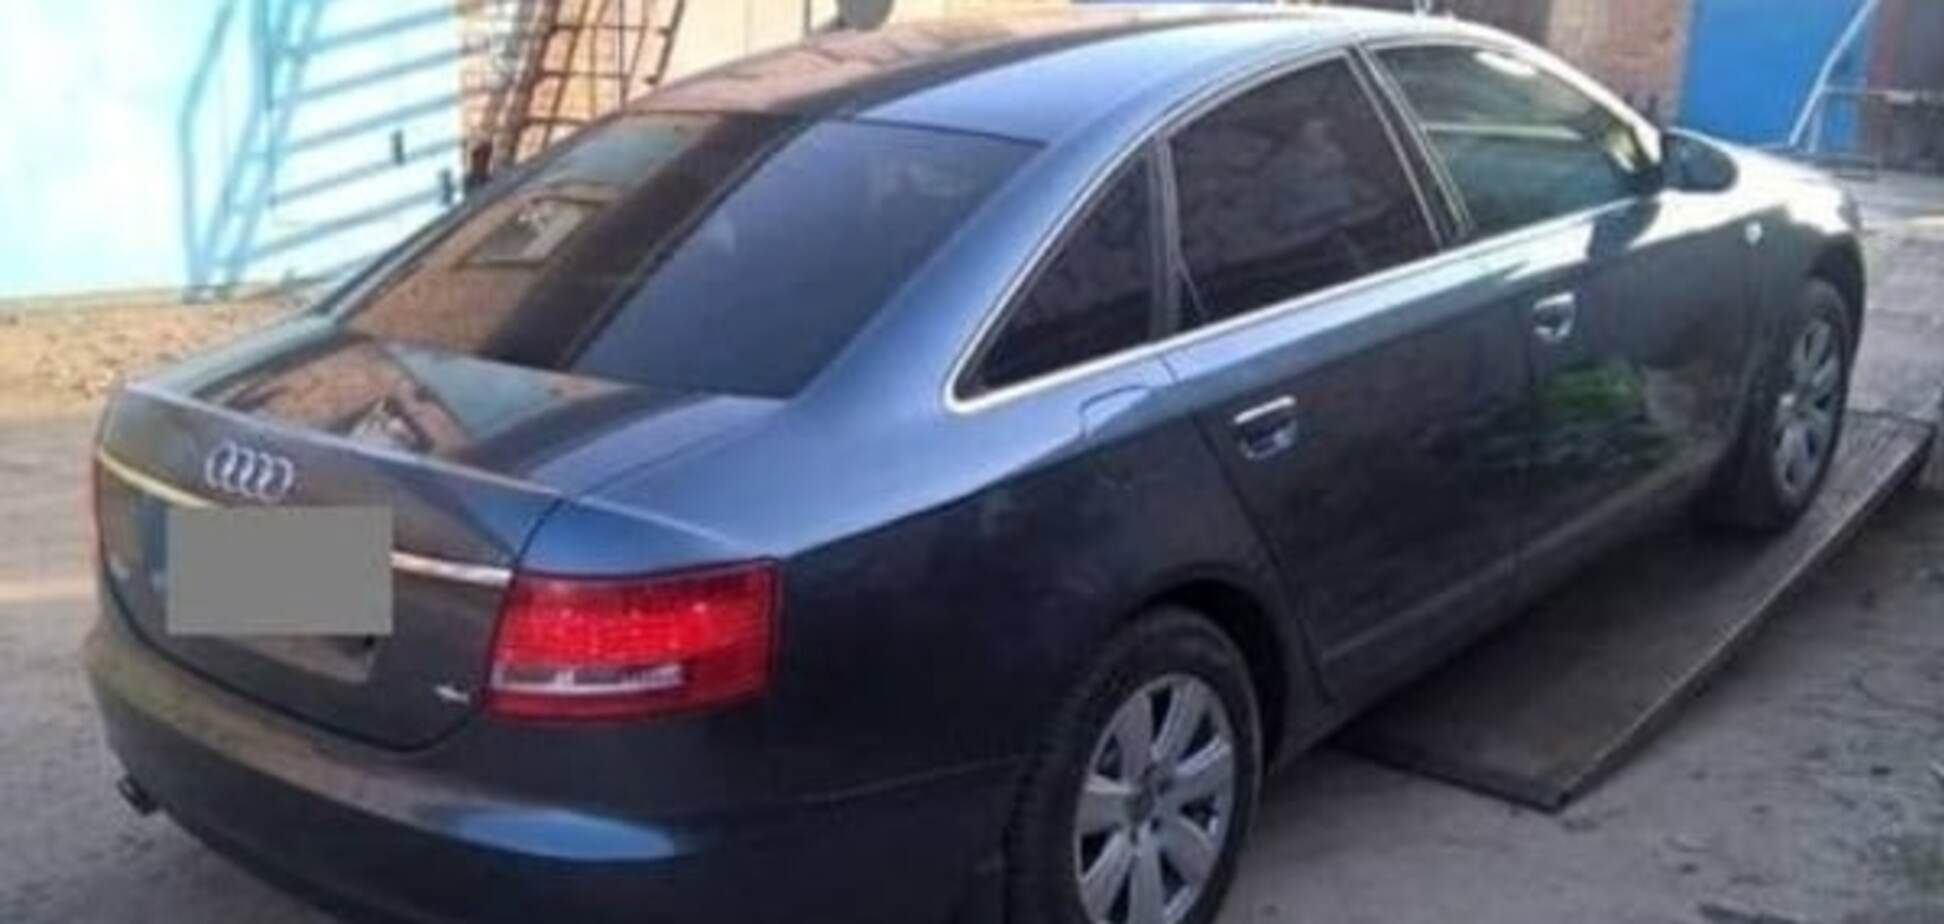 Зникнення водія BlaBlaCar: встановлено власника гаража, де знайшли Audi Познякова